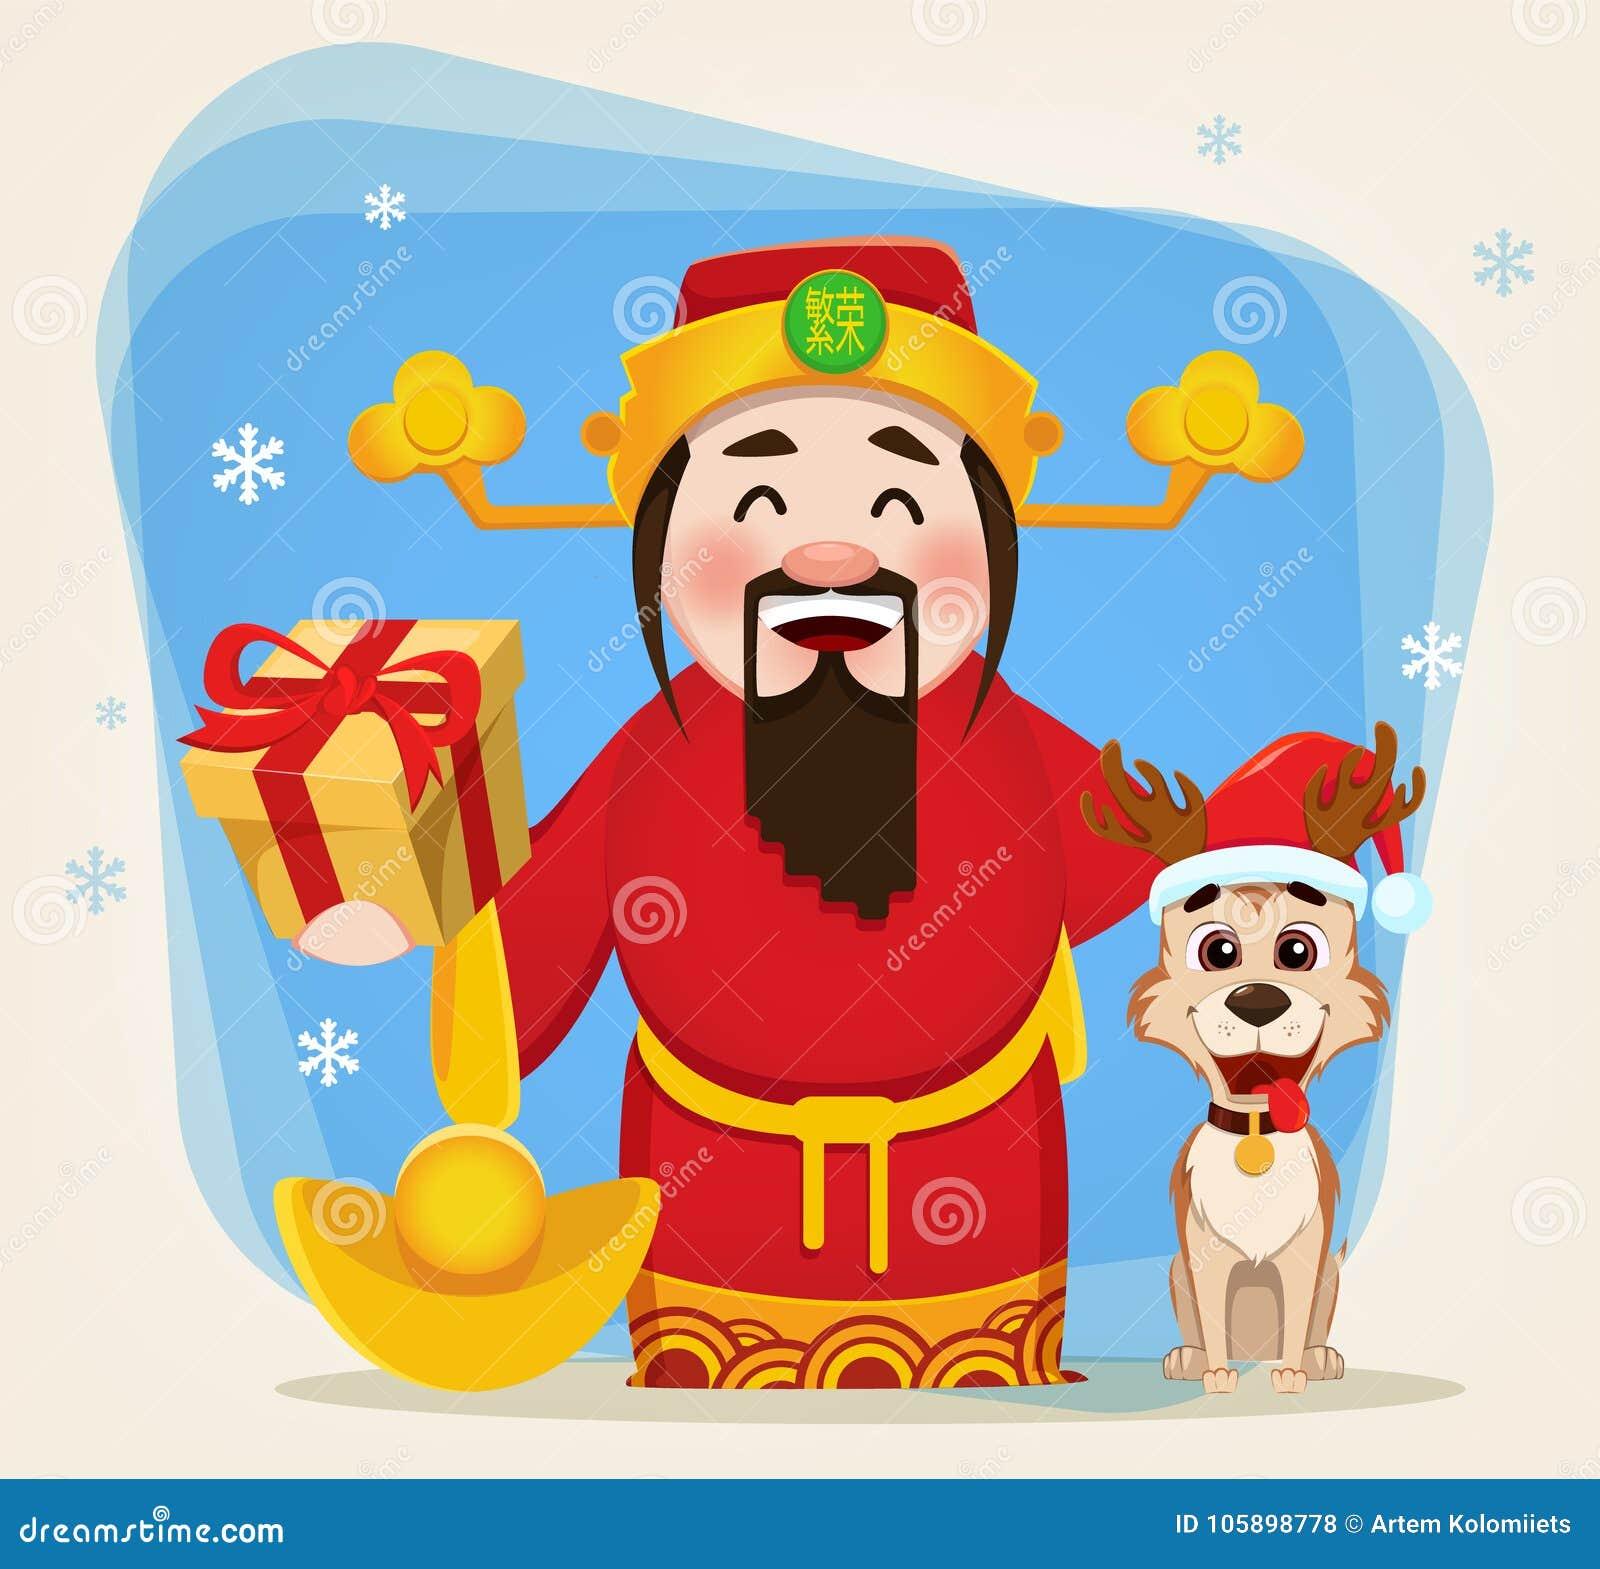 Chinesischer Gott des Reichtums die Geschenkbox und netten Hund nahe sitzend halten